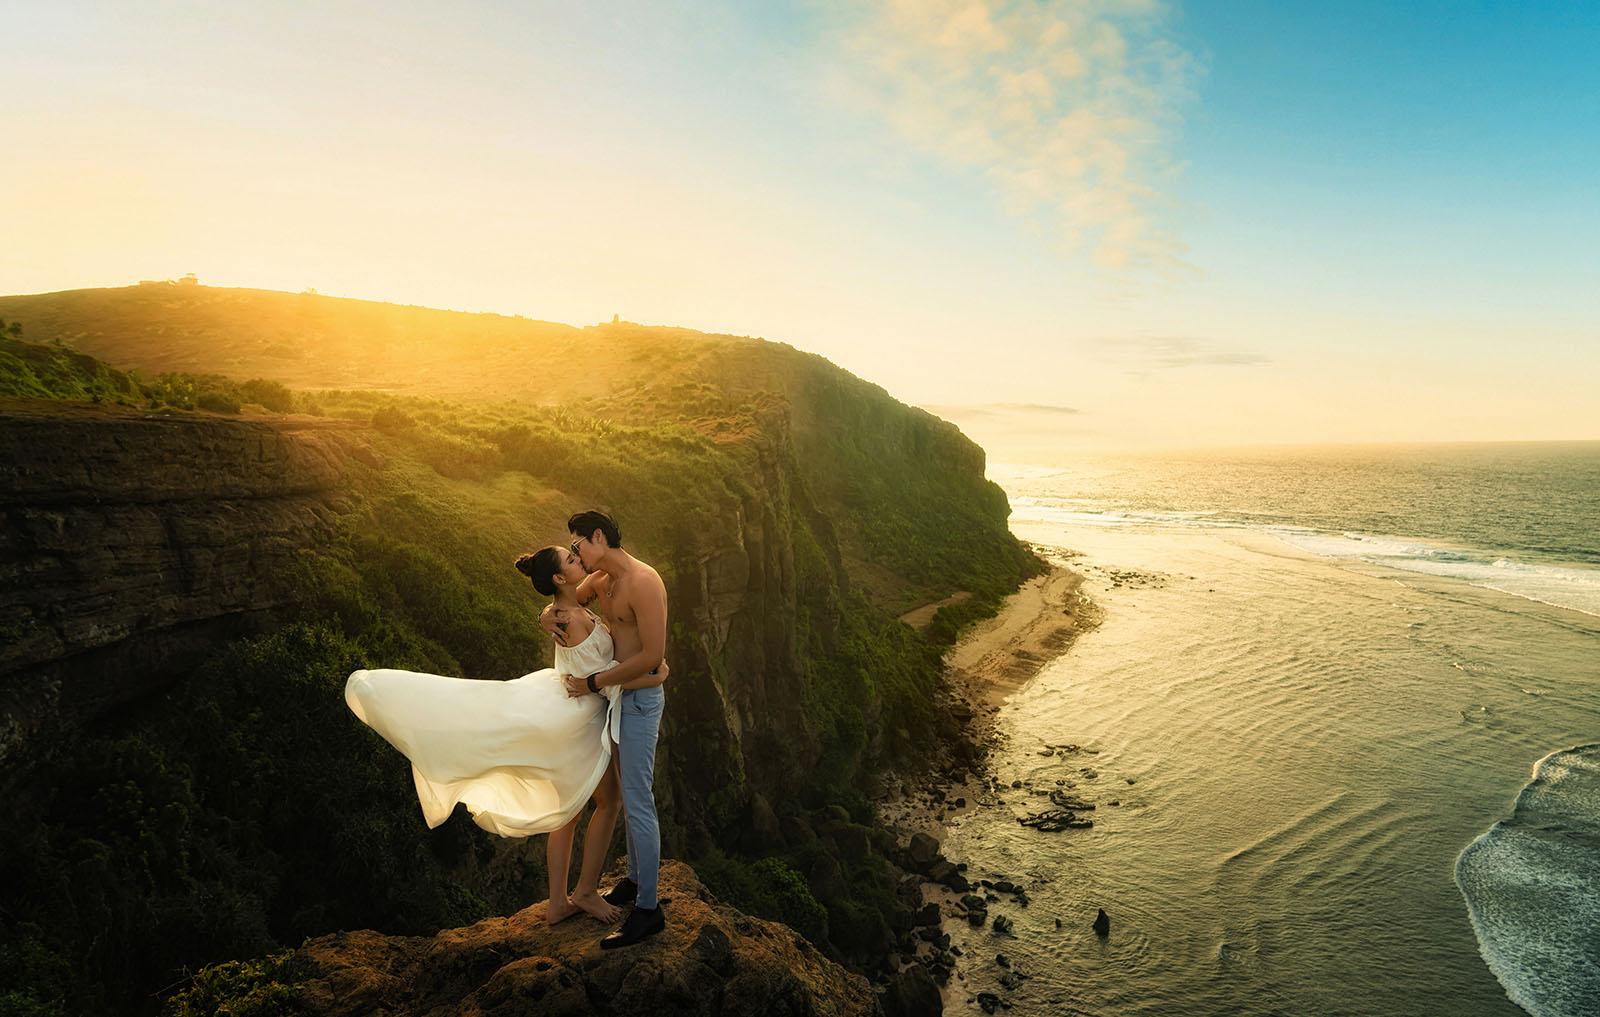 Lãng mạn với xu hướng chụp ảnh cưới nghệ thuật đang dần lên ngôi